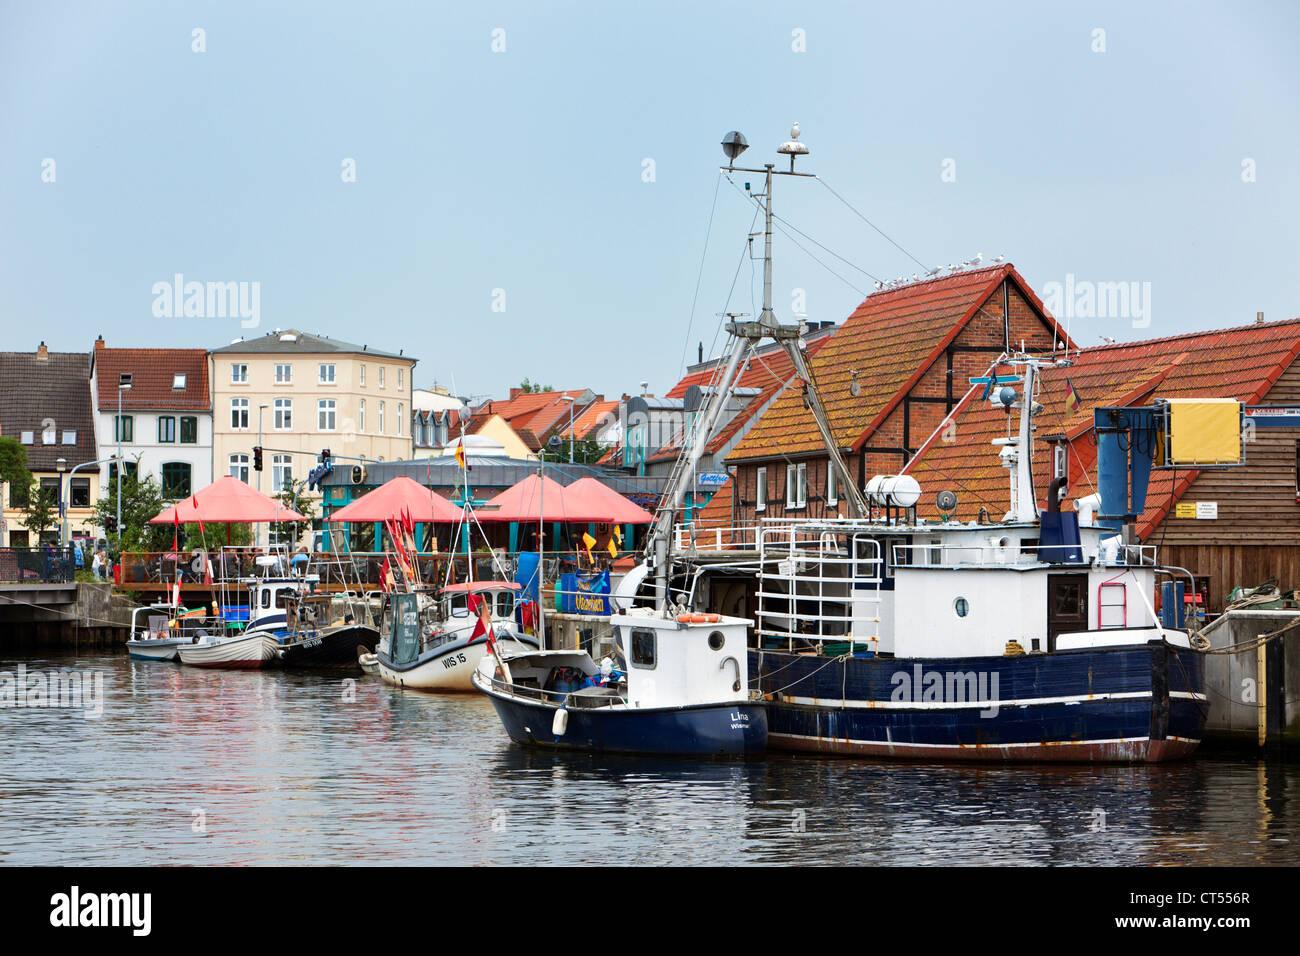 Fishery harbour at Wismar, Mecklenburg-Vorpommern - Stock Image